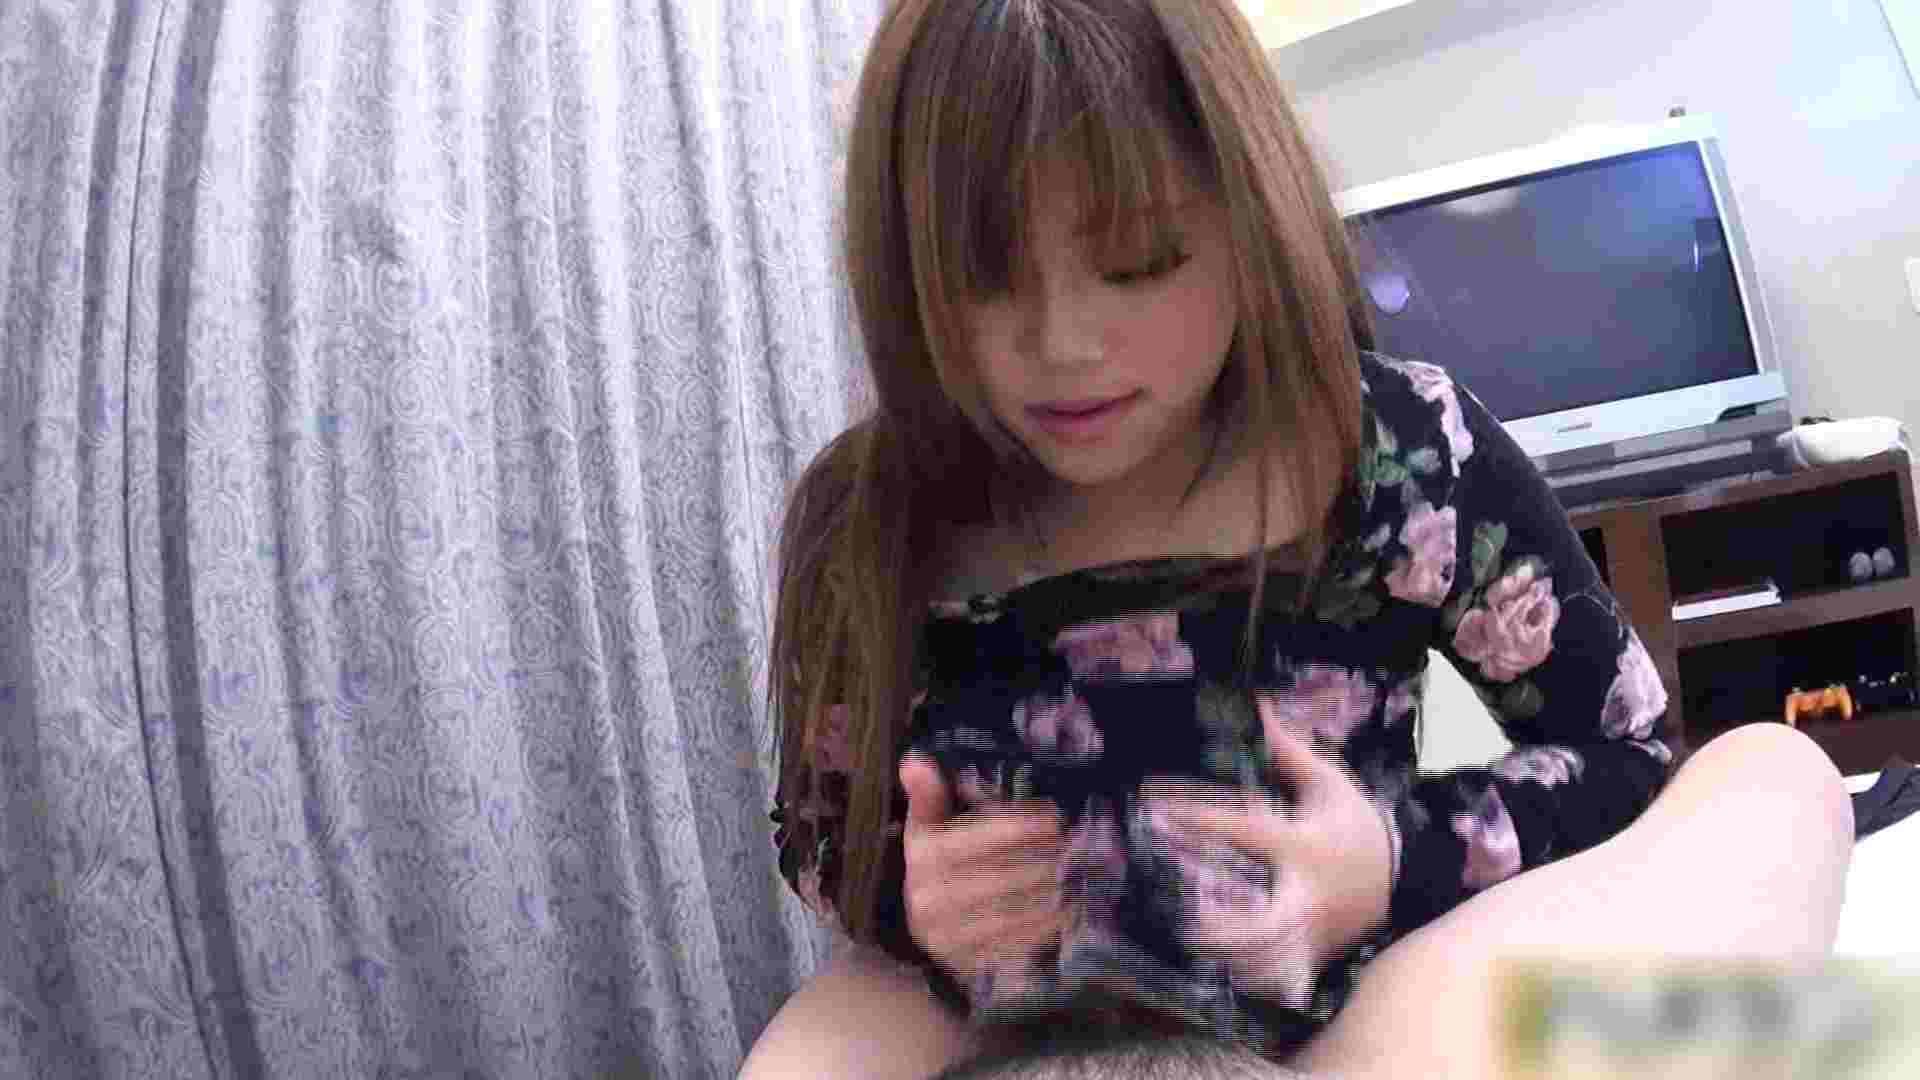 S級厳選美女ビッチガールVol.43 前編 モデル  100pic 90